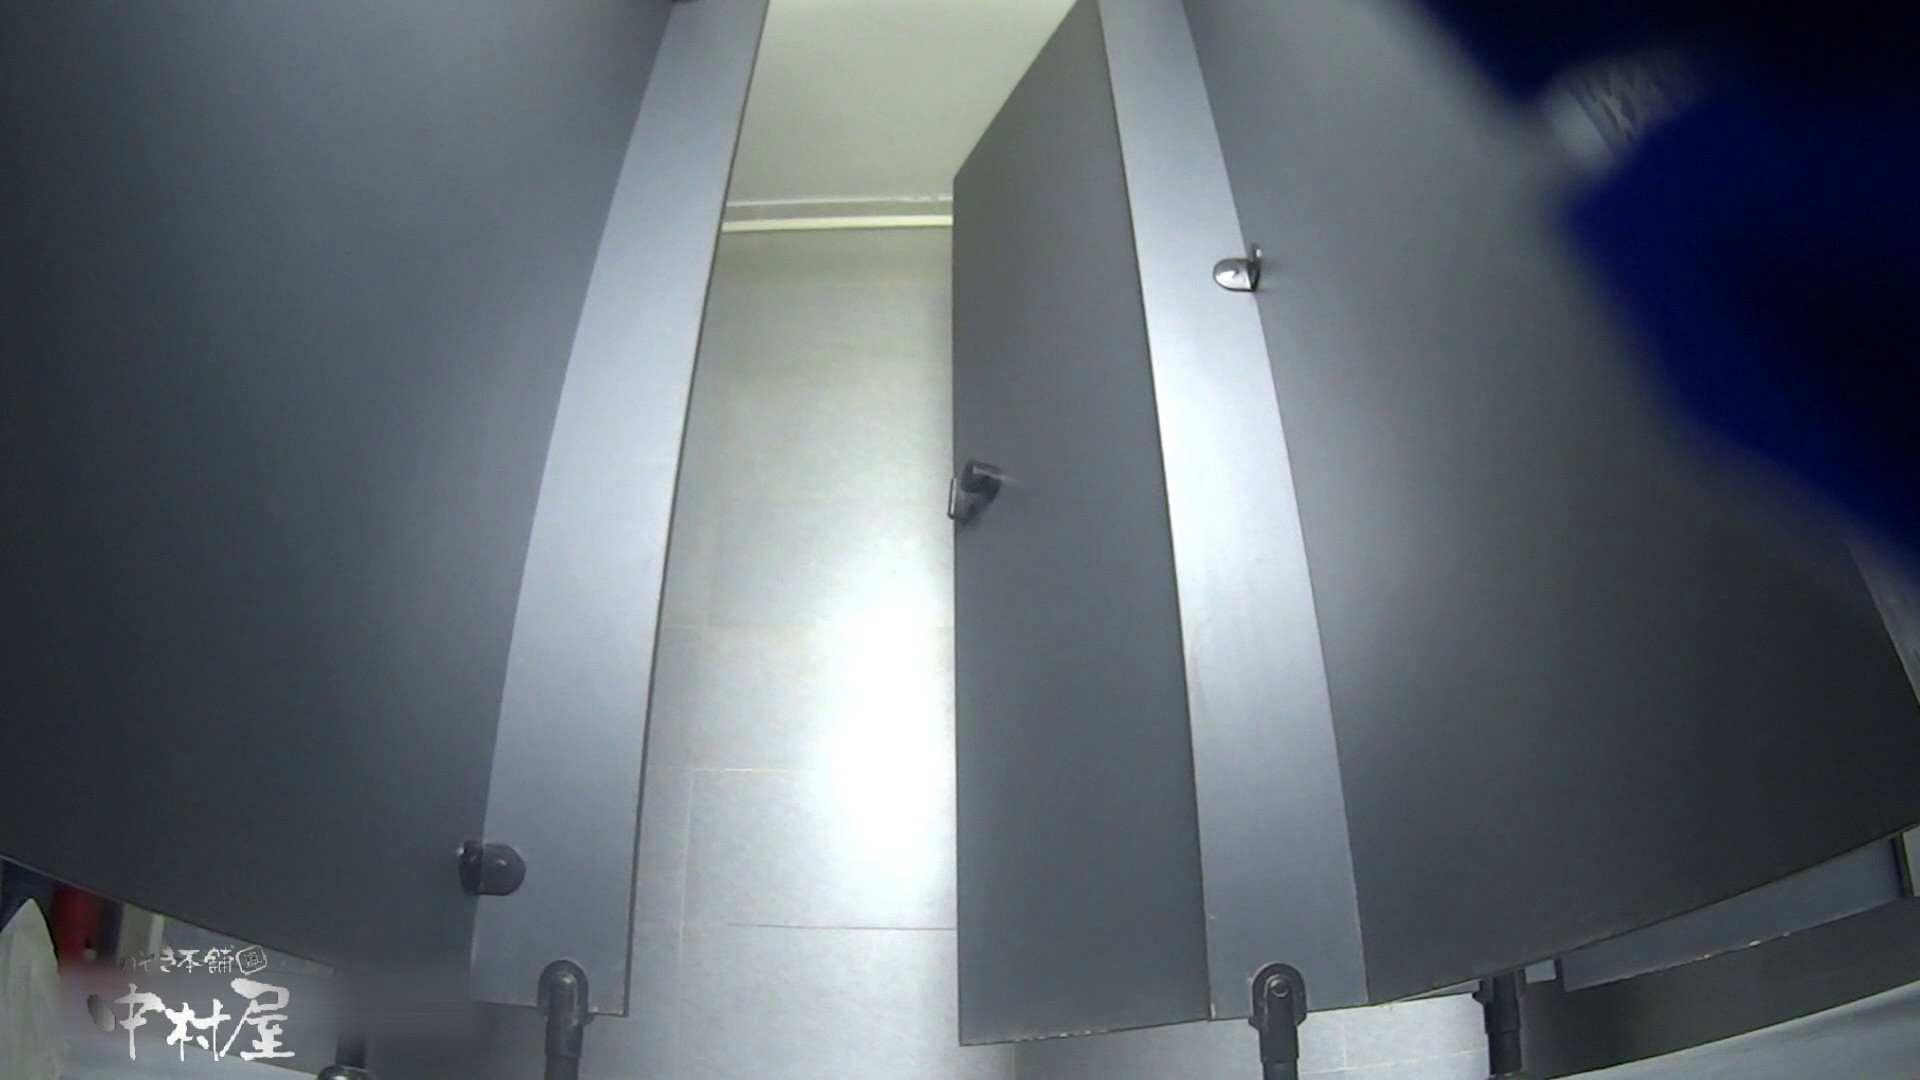 ツンデレお女市さんのトイレ事情 大学休憩時間の洗面所事情32 盗撮 セックス画像 90枚 72